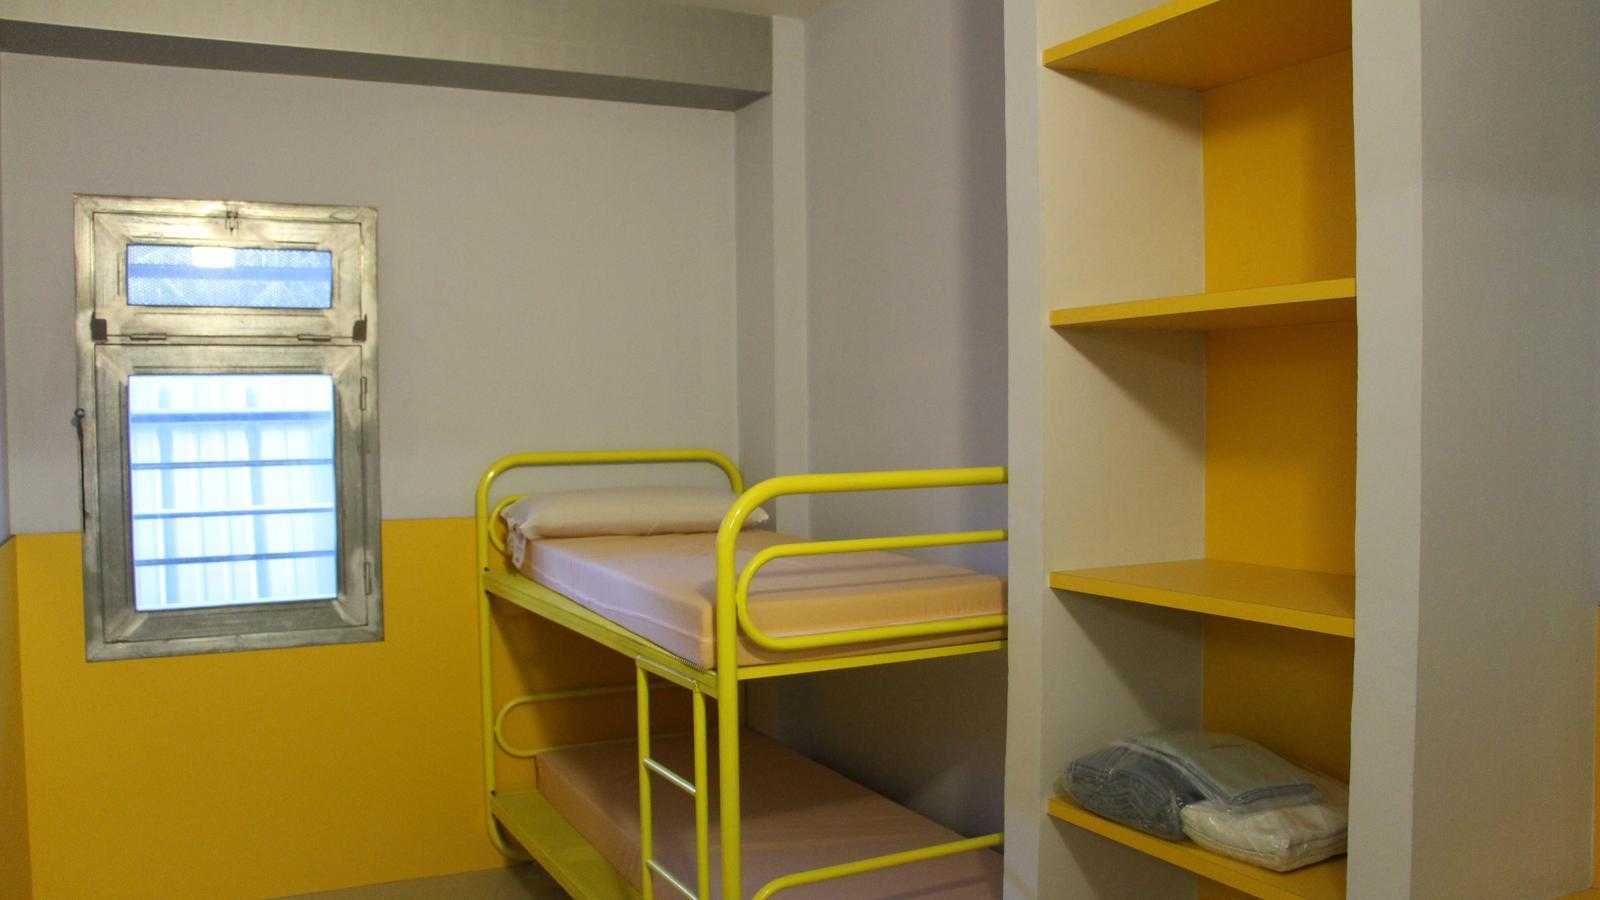 Una de les cel·les del Centre Penitenciari de la Comella. / ARXIU ANA